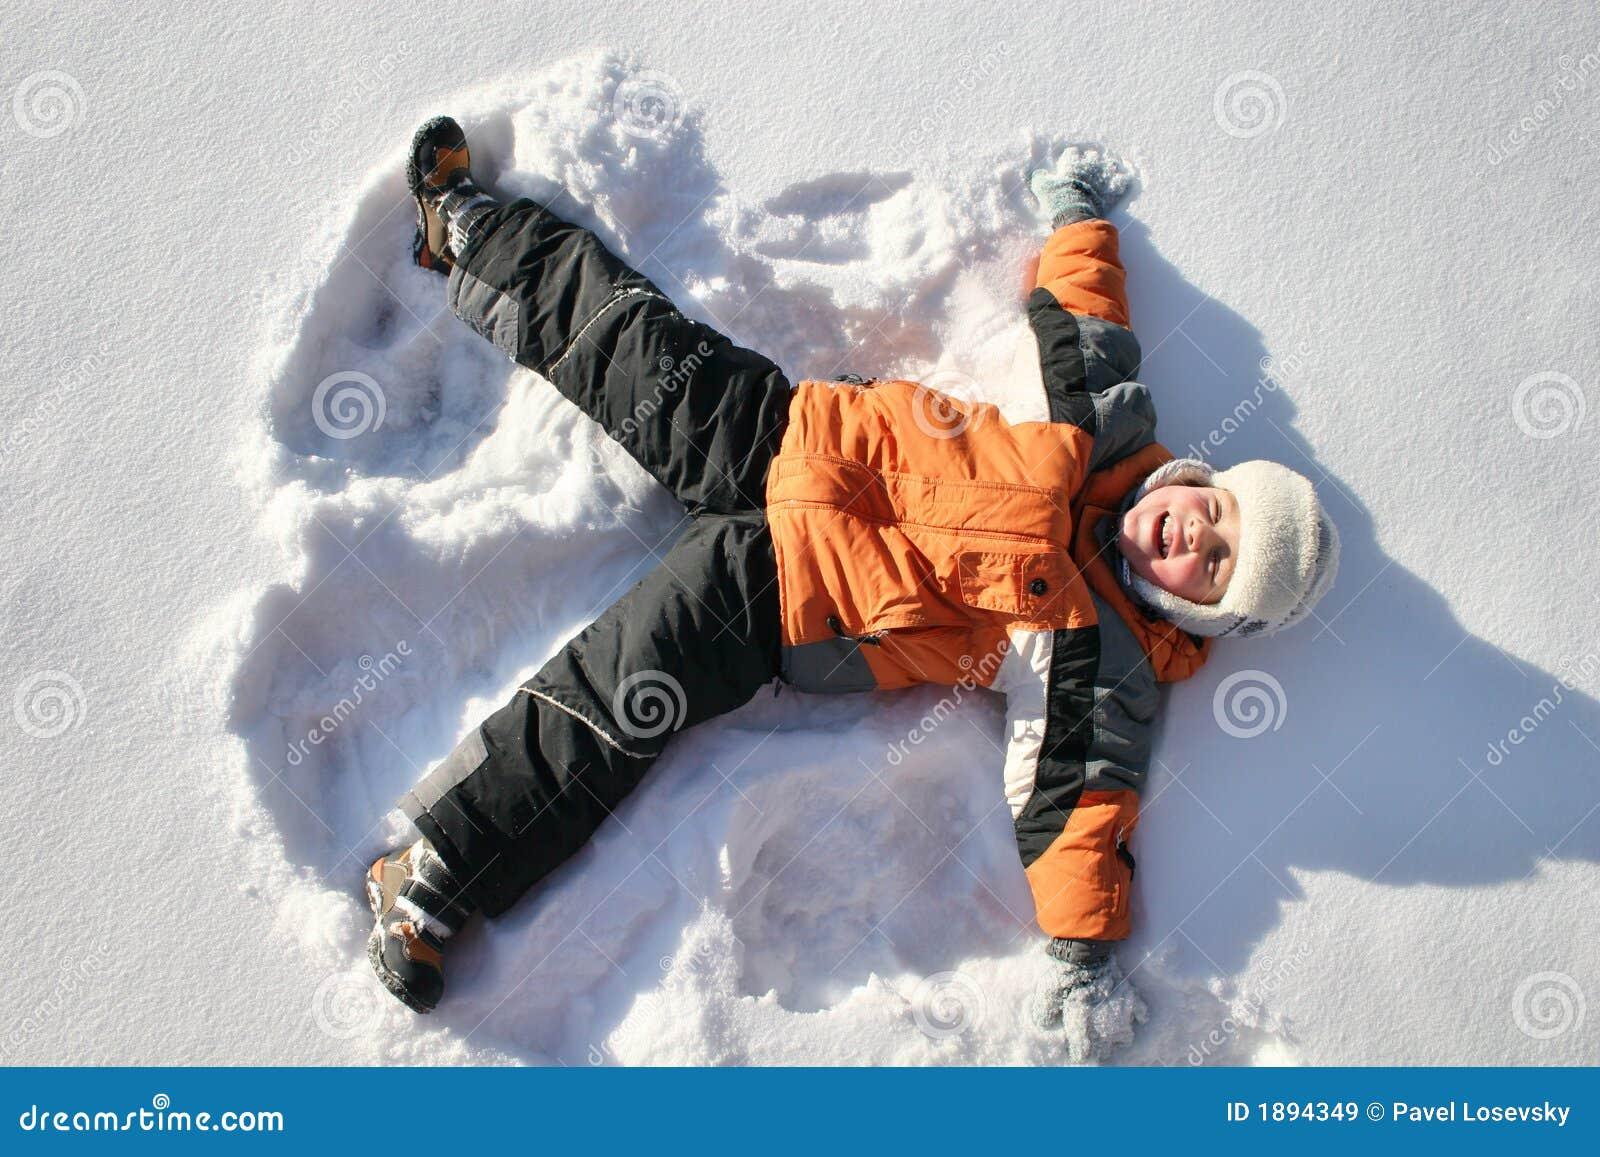 Junge liegt auf Schnee